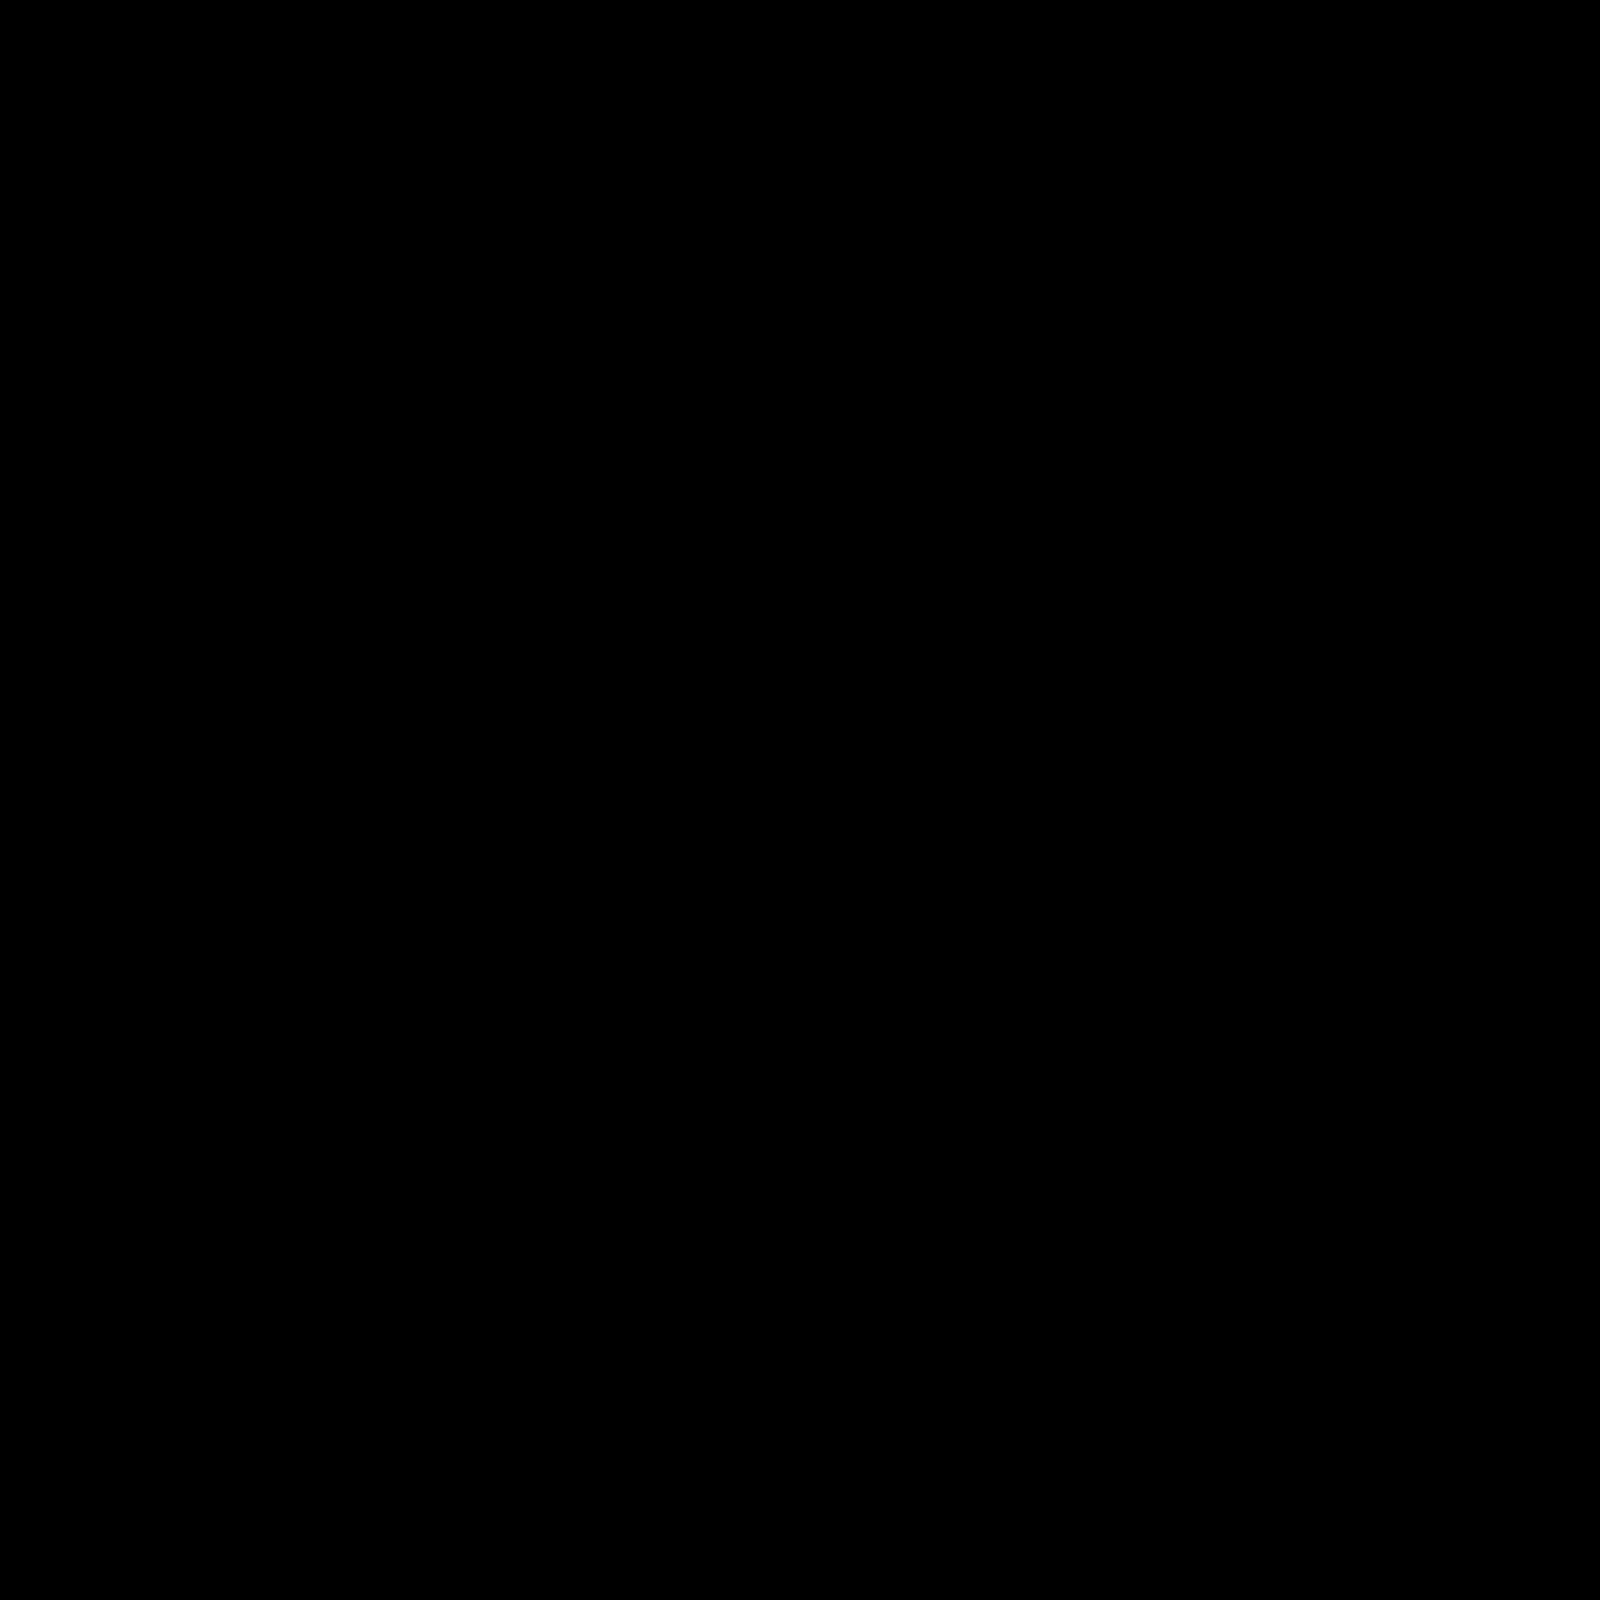 Kreuzfahrtschiff icon